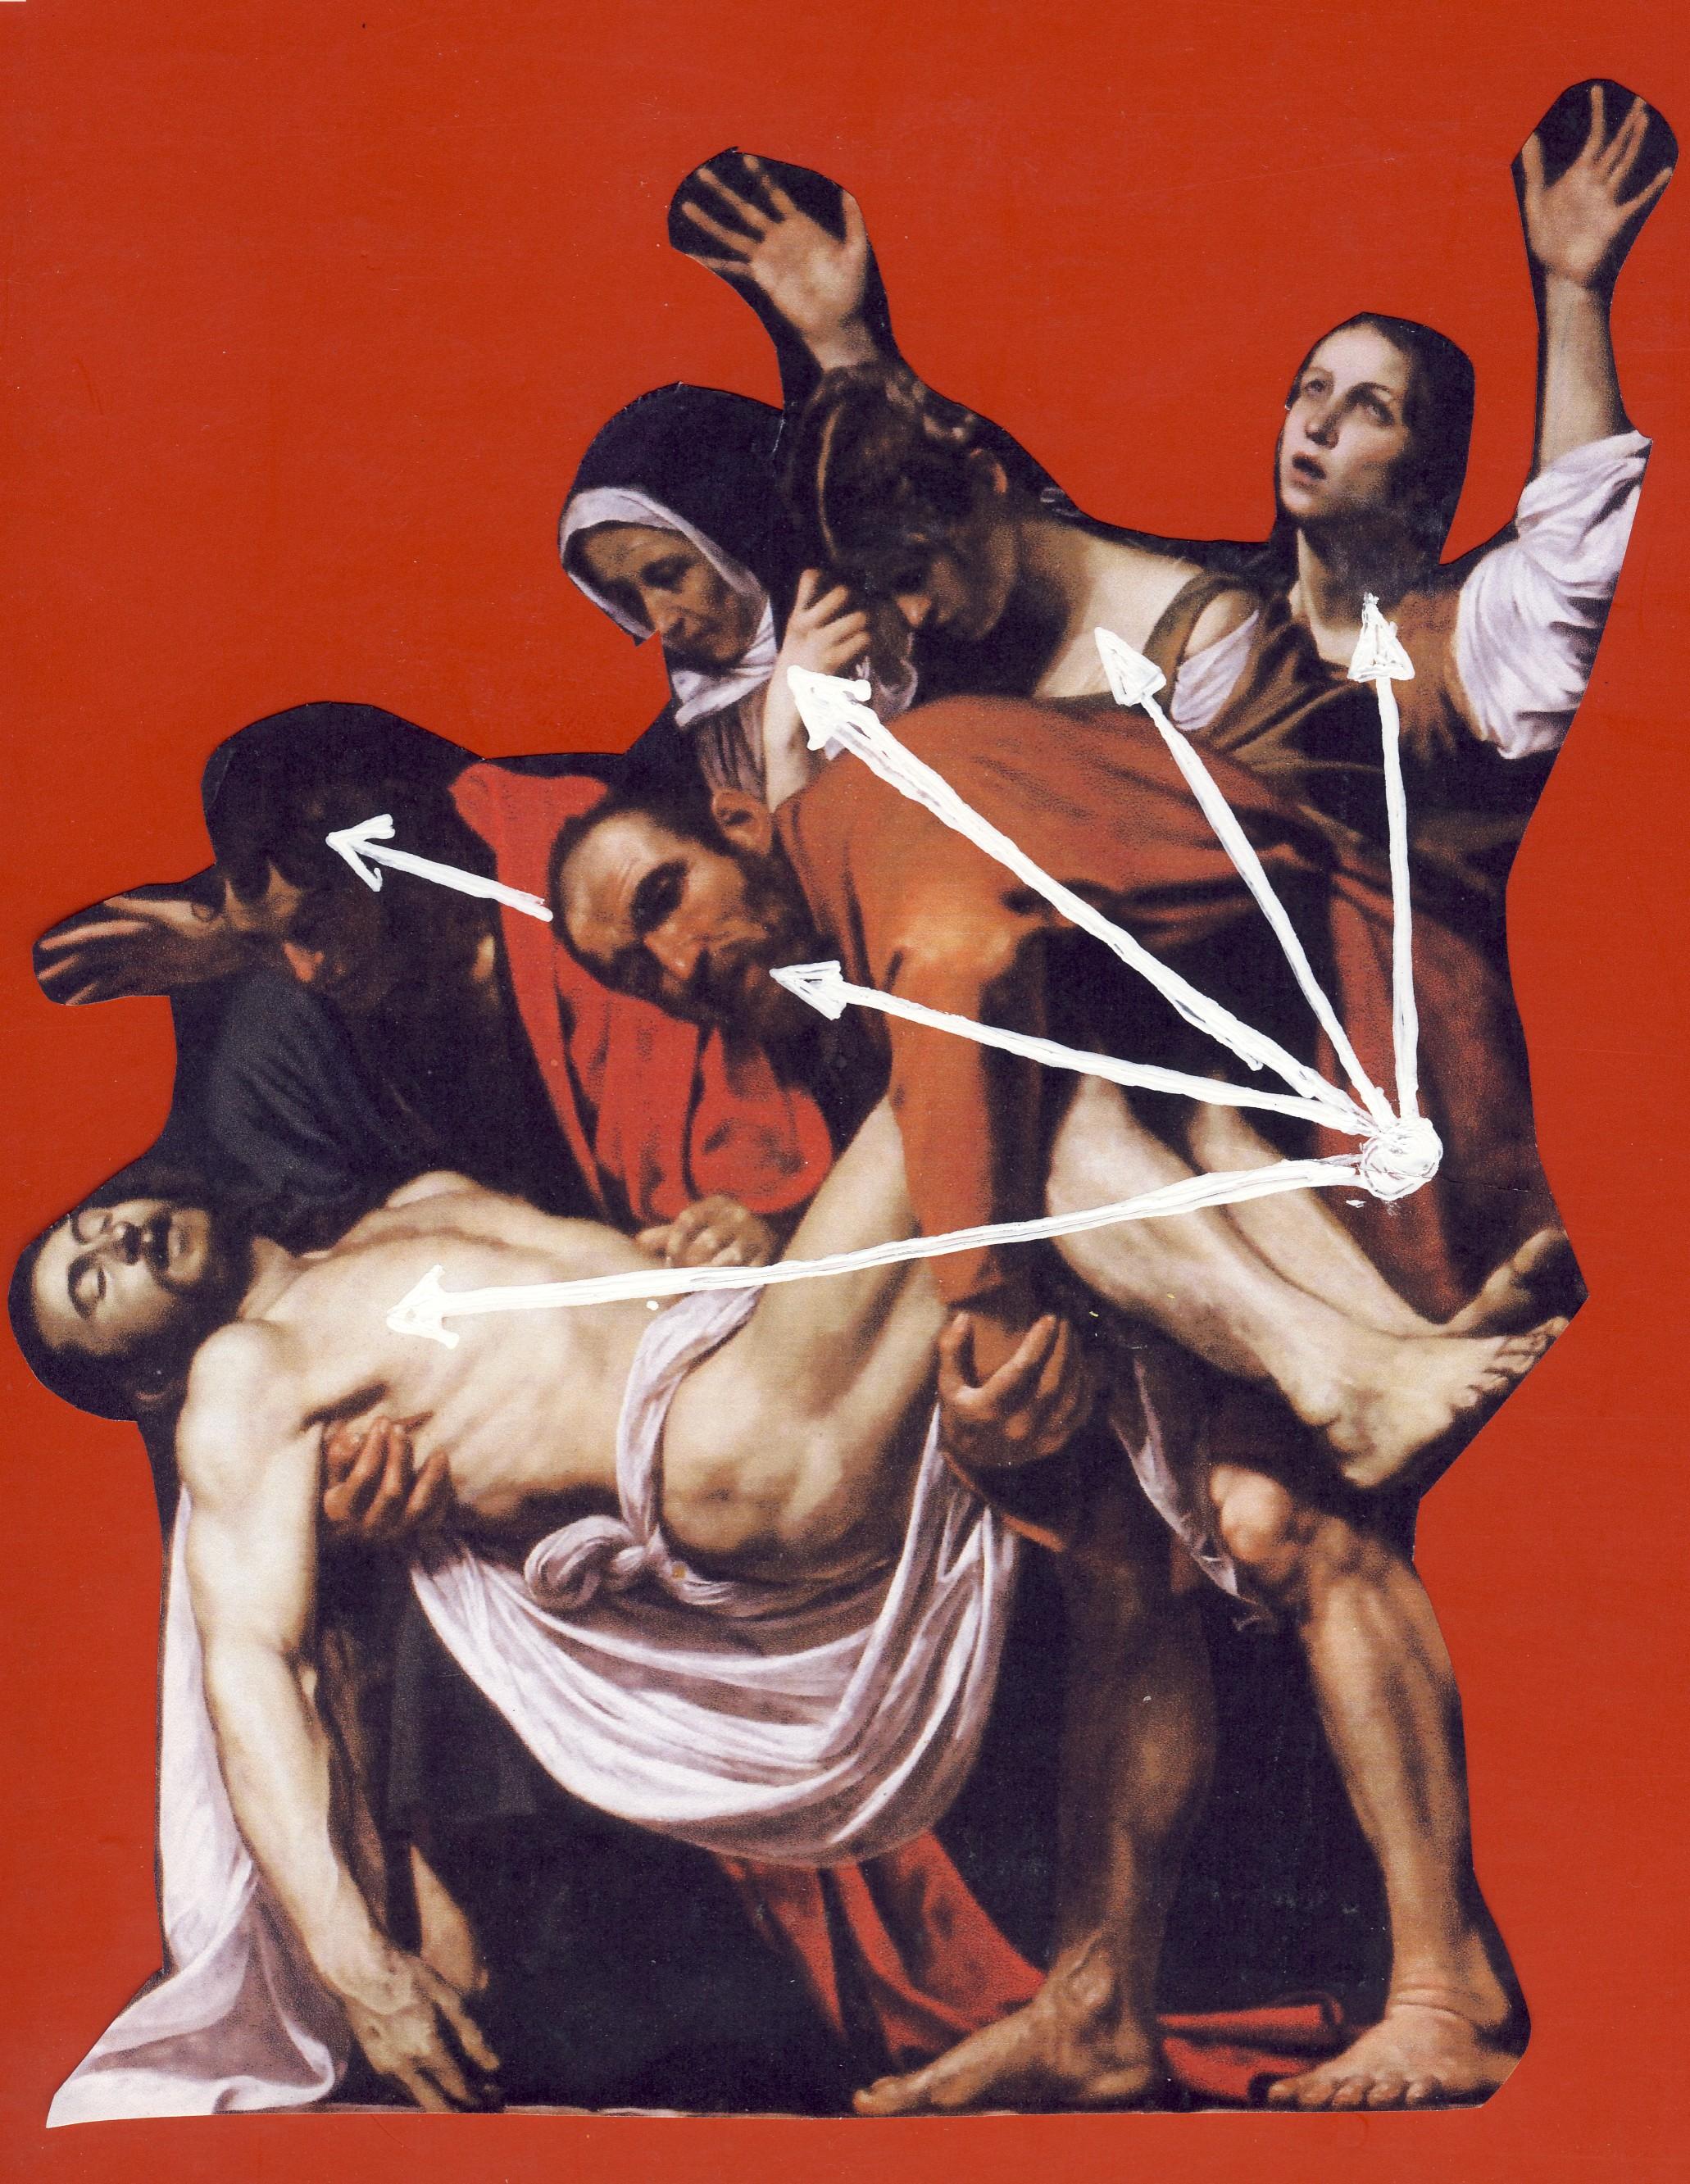 Caravaggio, La Deposizione di Cristo. In evidenza poniamo il senso del movimento ottenuto imperniando tutti i personaggi ad punto e trattandoli con l'effetto ventaglio che fa pensare a un movimento di piegamento dall'alto al basso